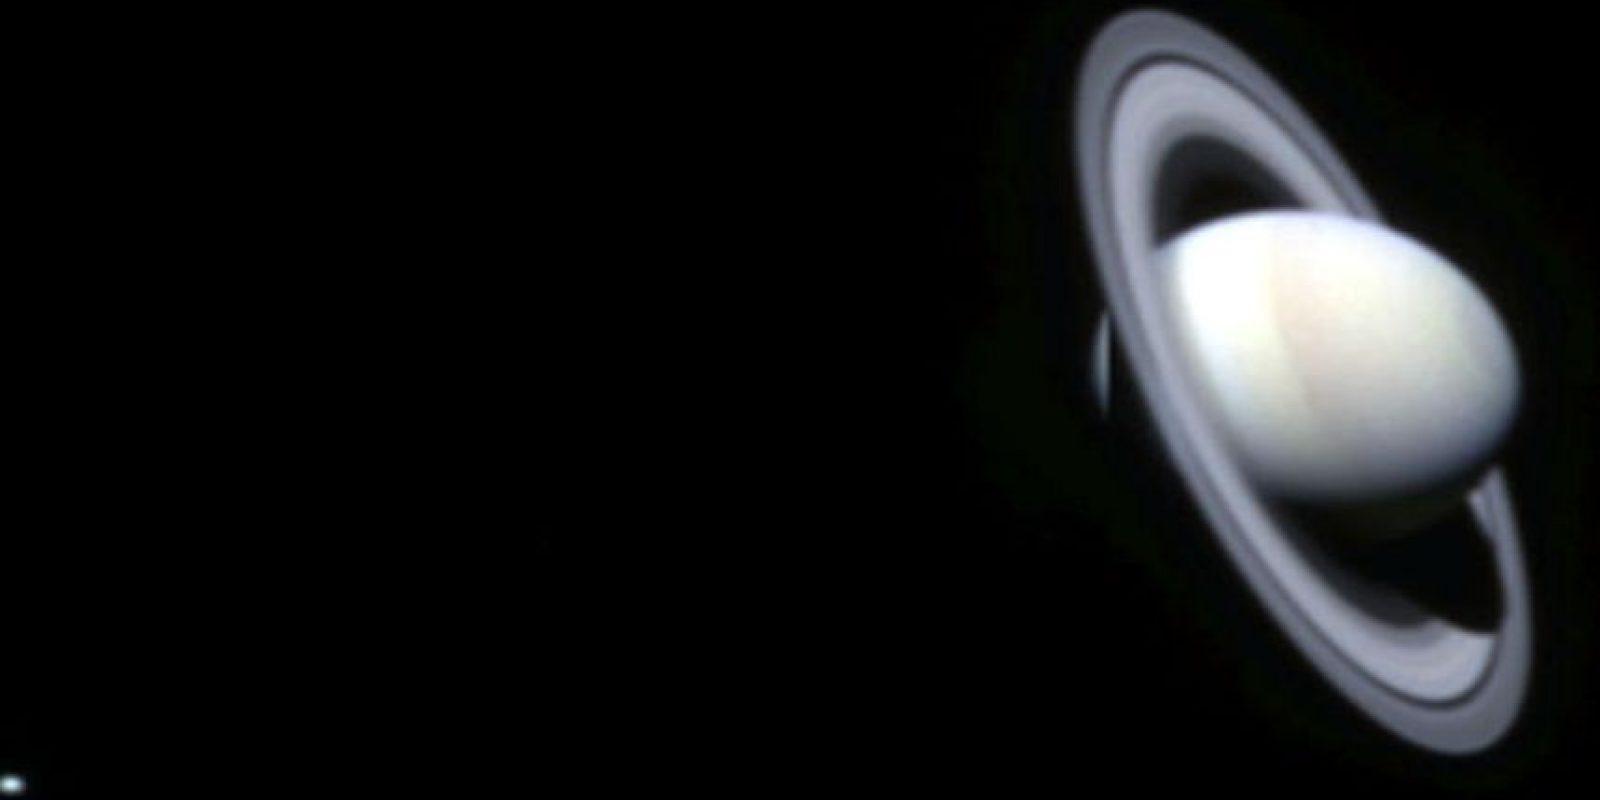 Un traje espacial cuesta alrededor de 12 millones de dólares. Foto:Getty Images